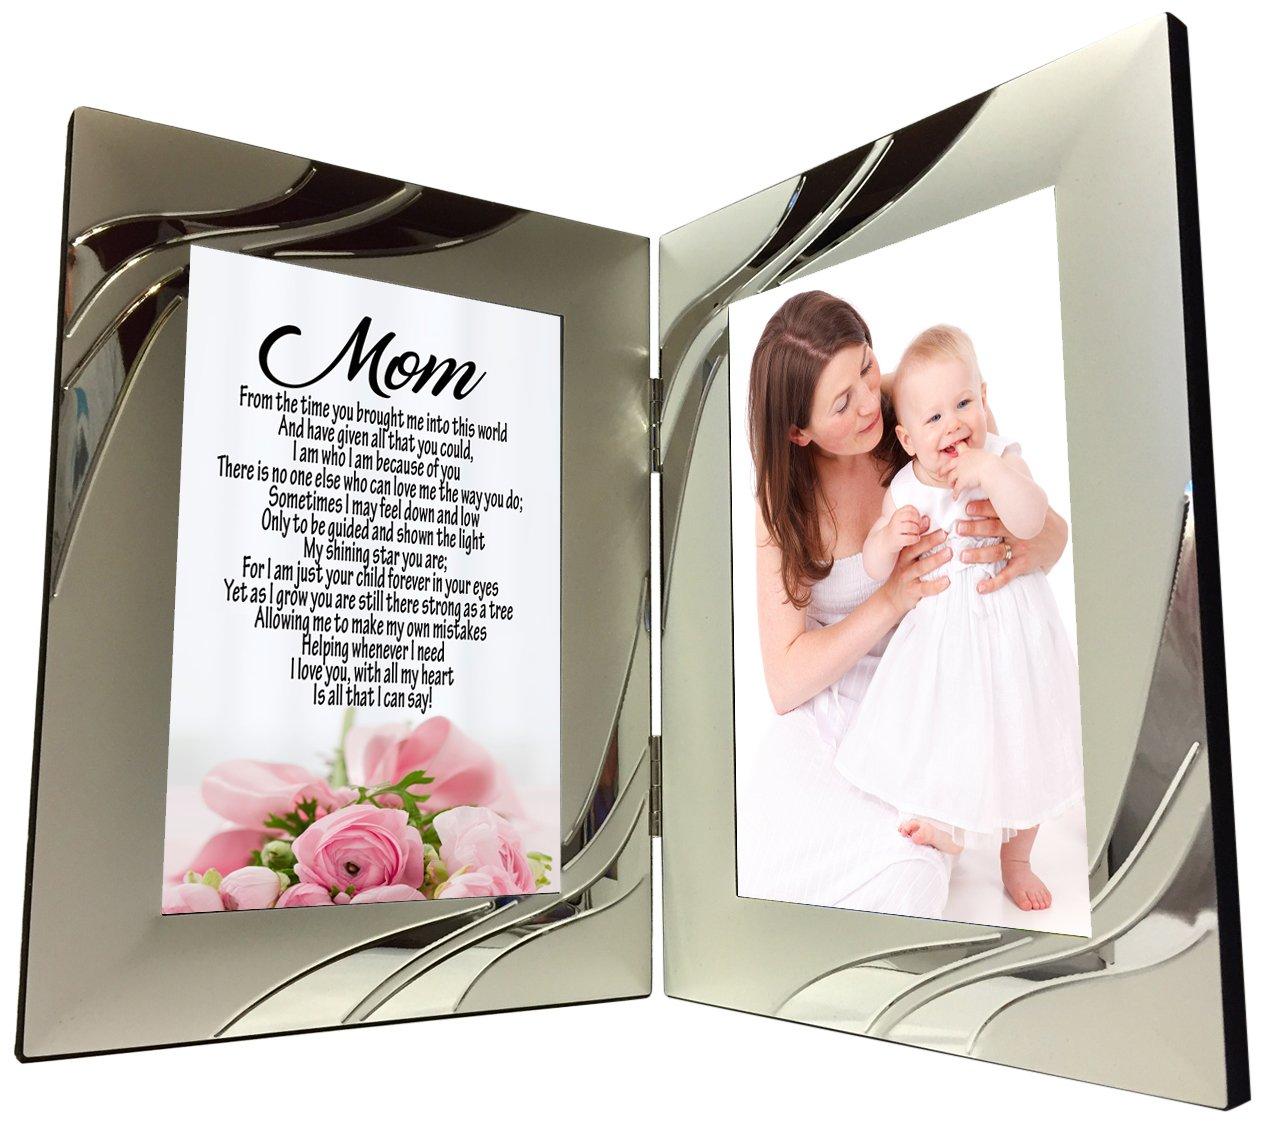 MOM Geschenk, Sweet Sentimental Mutter Gedicht 4 x 6 silber ...